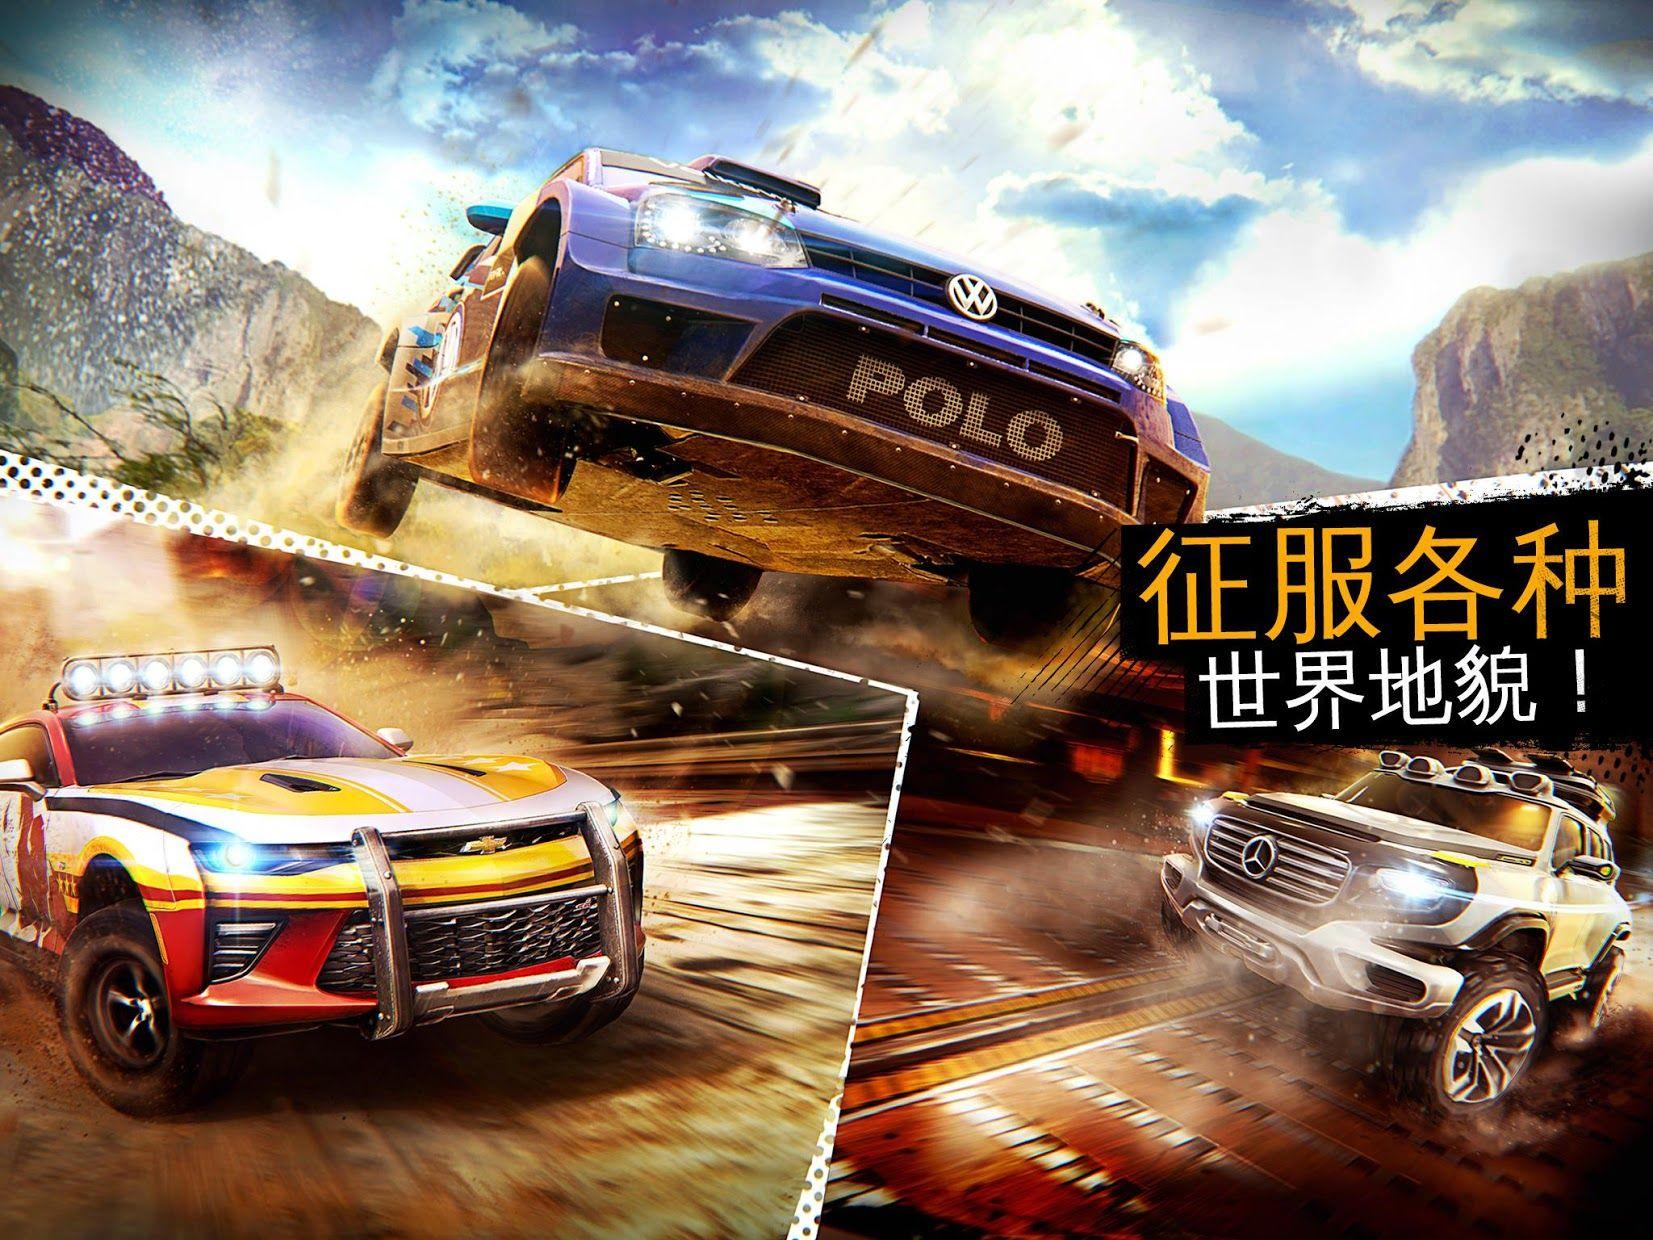 狂野飙车:极限越野 游戏截图2